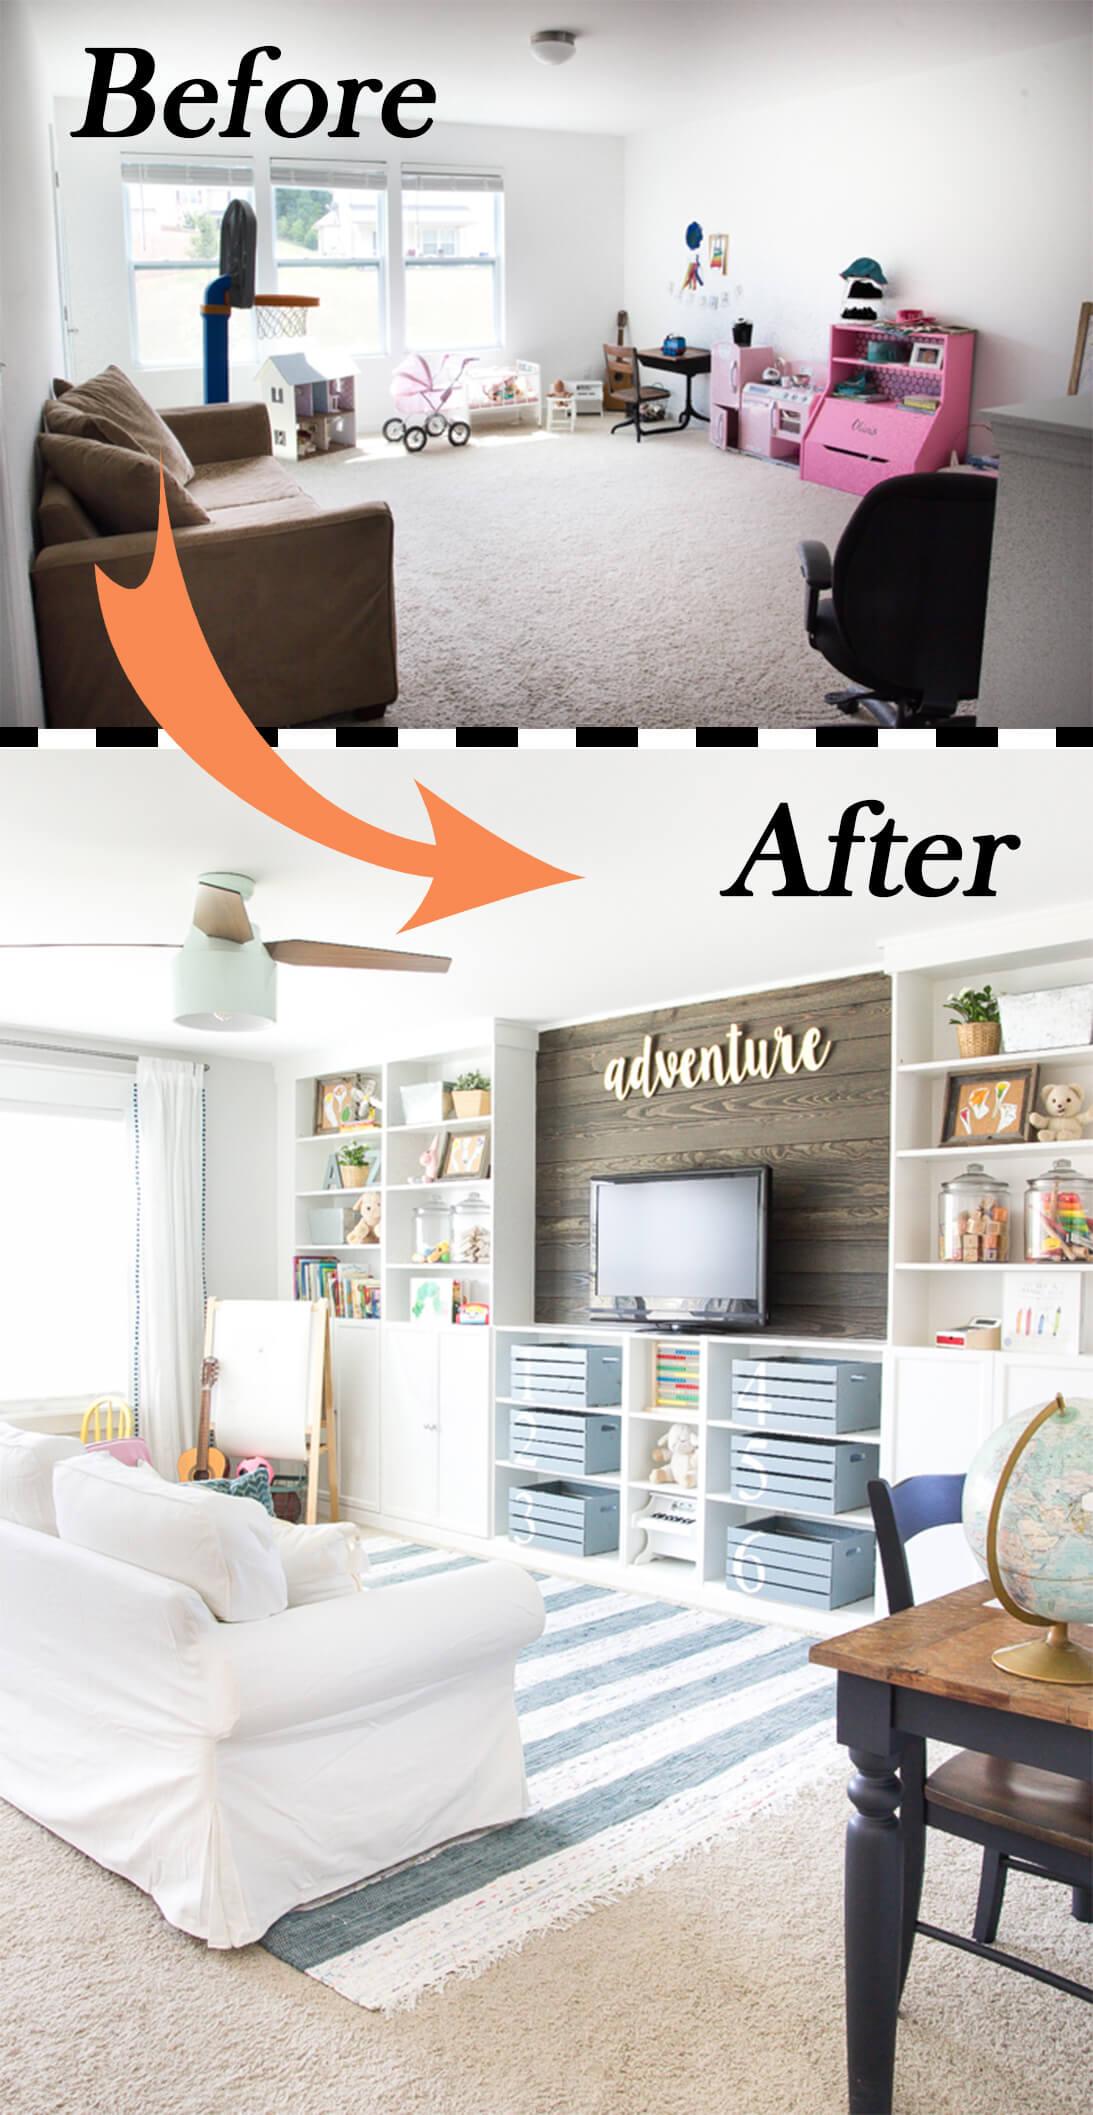 wundersch nen room makeover wohnzimmer neu einrichten mit dem profi mdr um 4 mdr sinnvoll. Black Bedroom Furniture Sets. Home Design Ideas